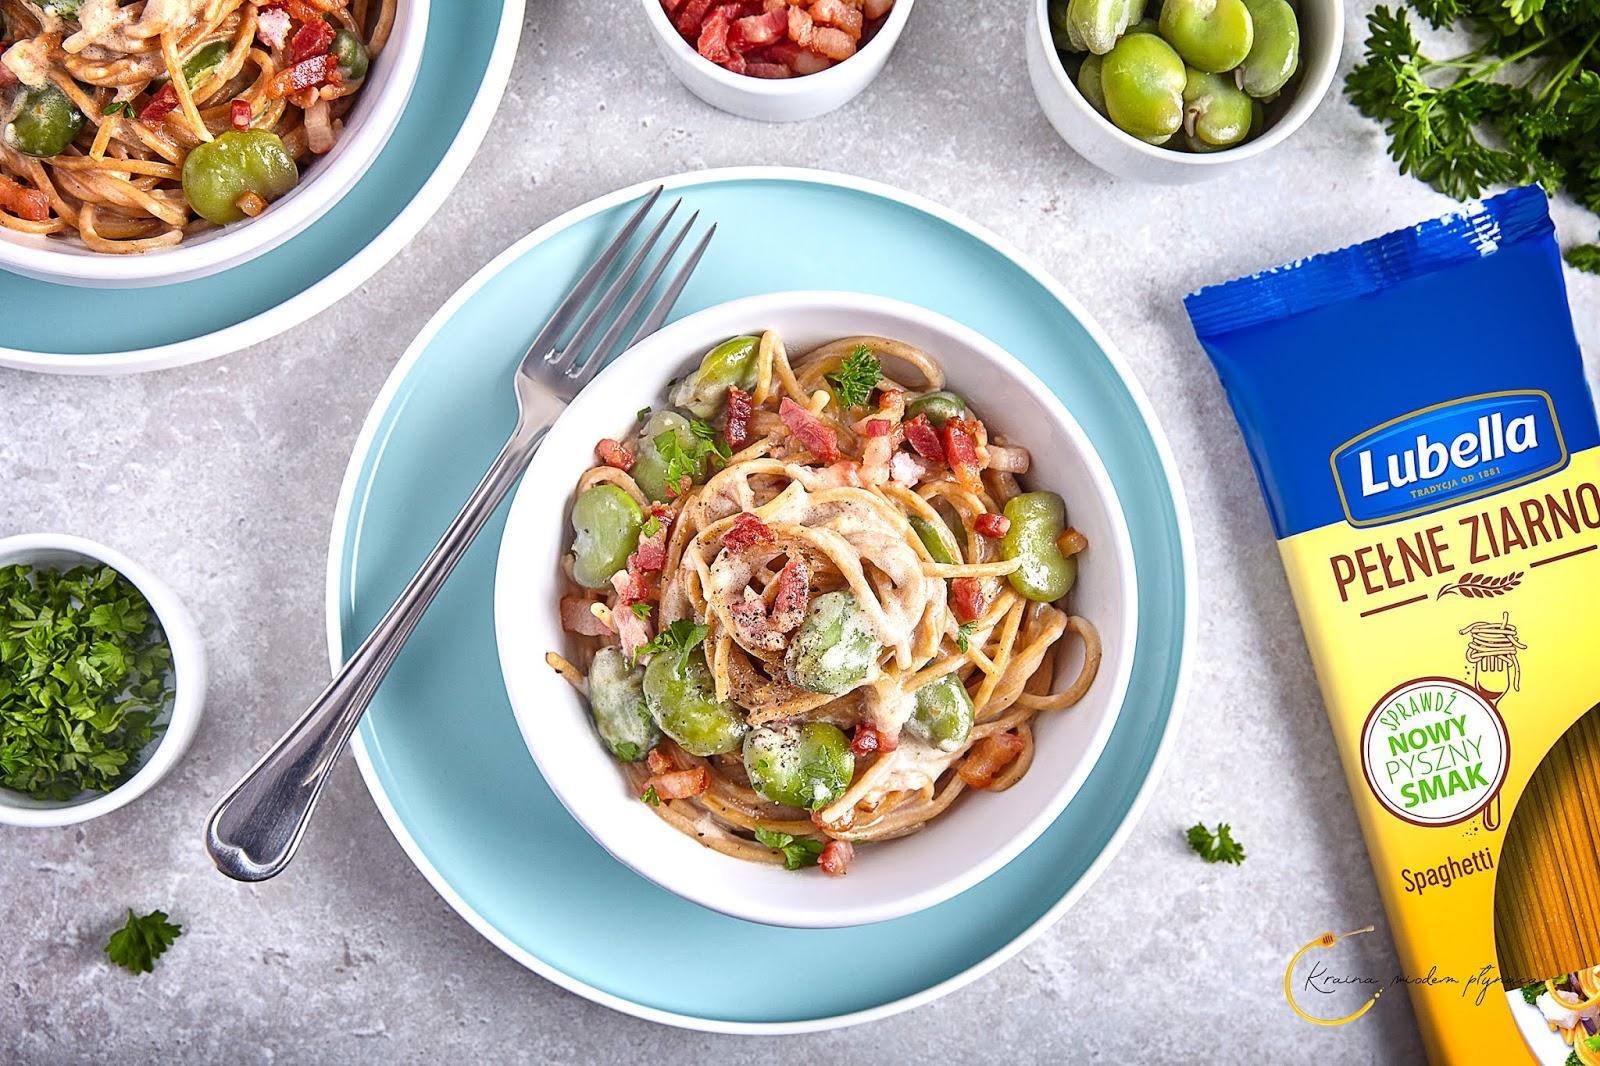 spaghetti z bobem, spaghetti z boczkiem, spaghetti w sosie mascarpone, makaron w sosie z mascarpone, kraina miodem płynąca,